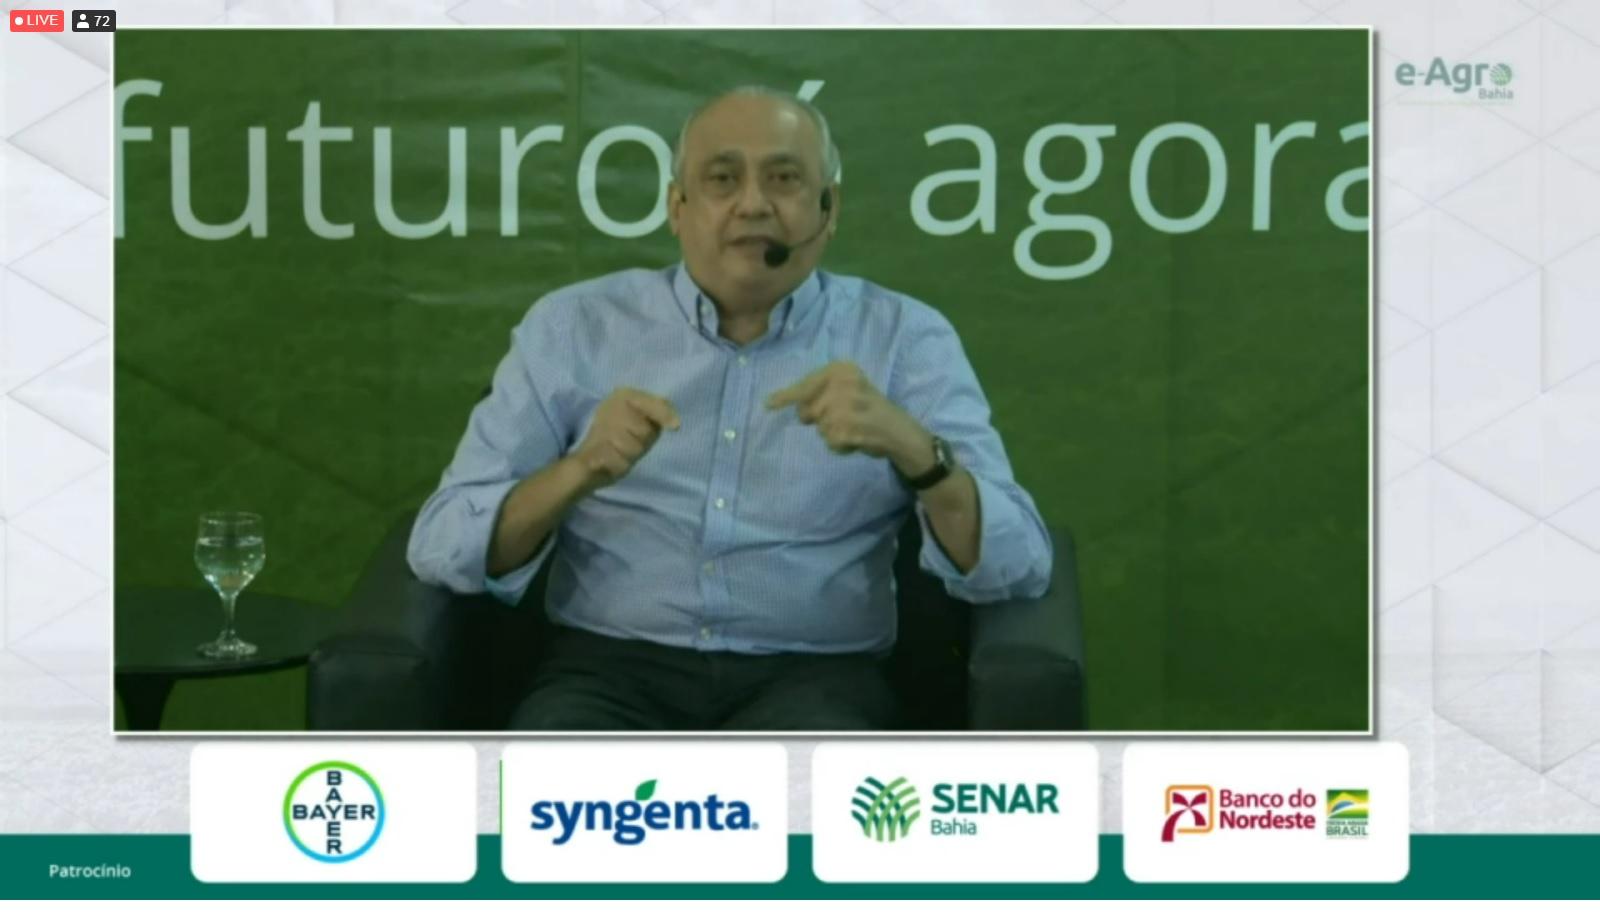 Superintendente do Sebrae Jorge Khoury destaca importância do agro